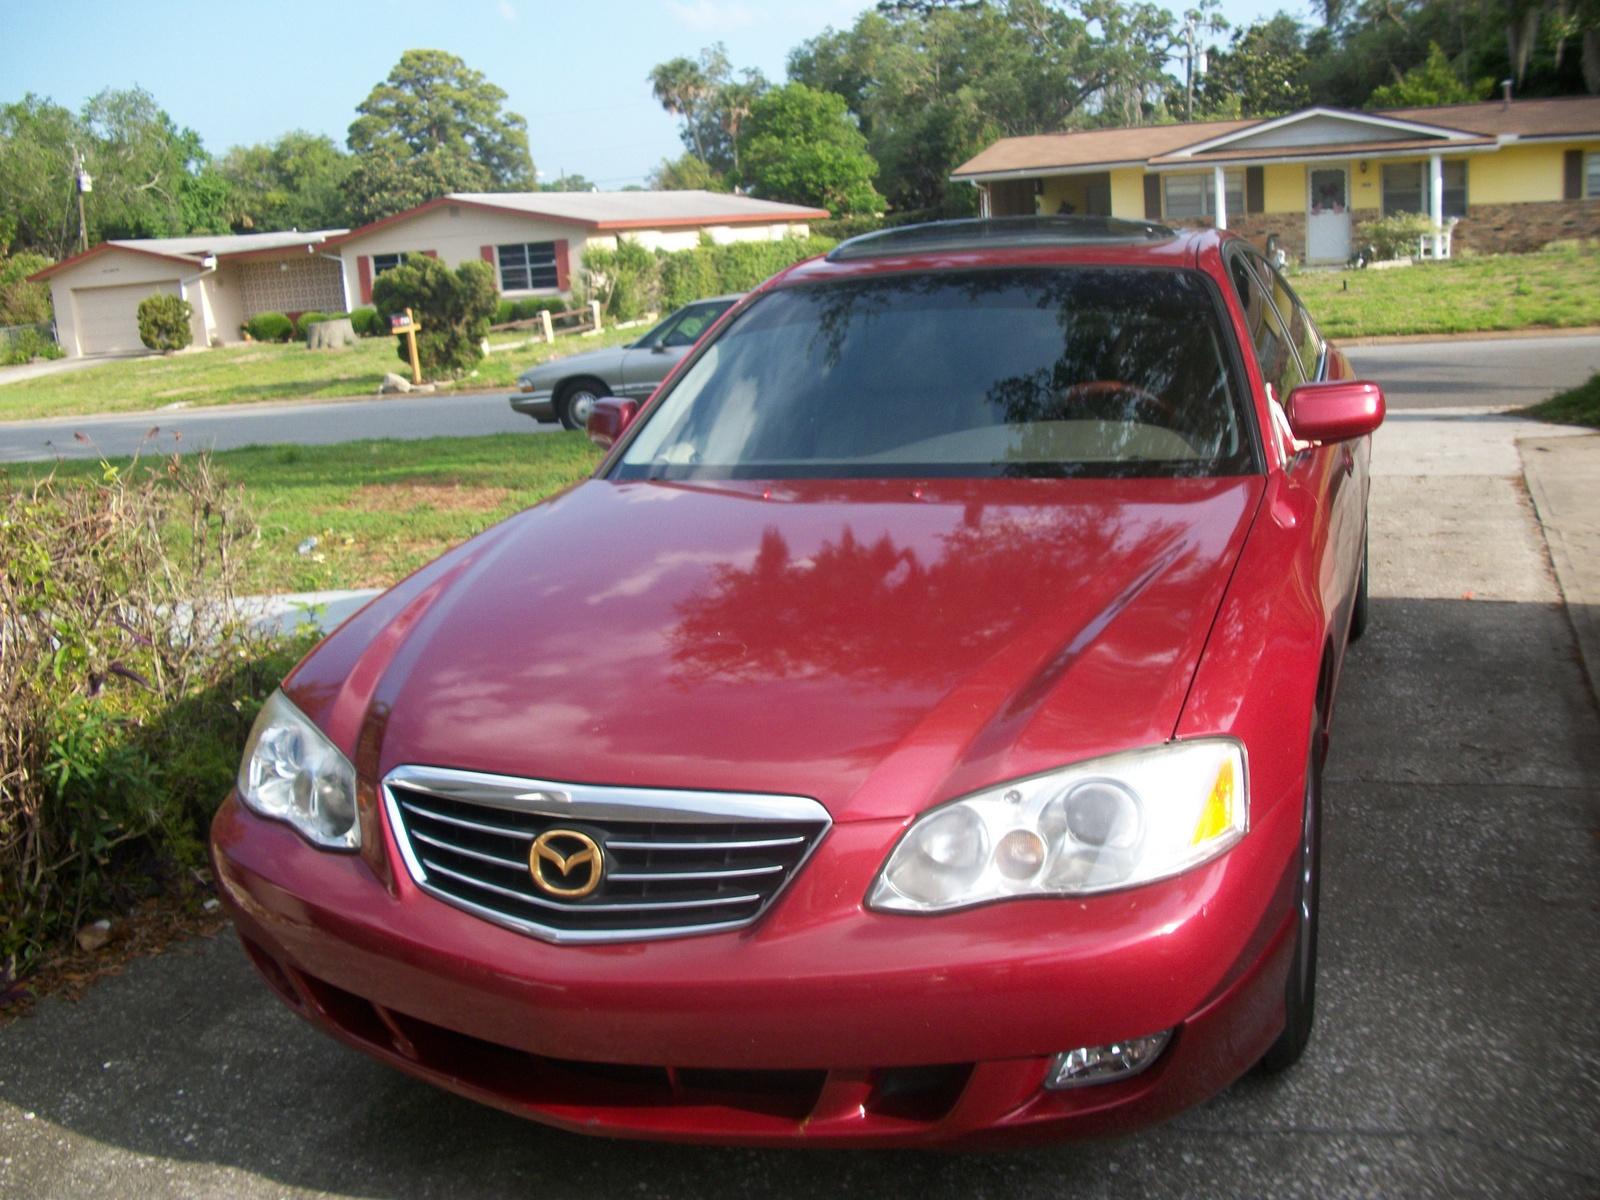 2002 Mazda Millenia 4 Dr Premium Sedan picture, exterior